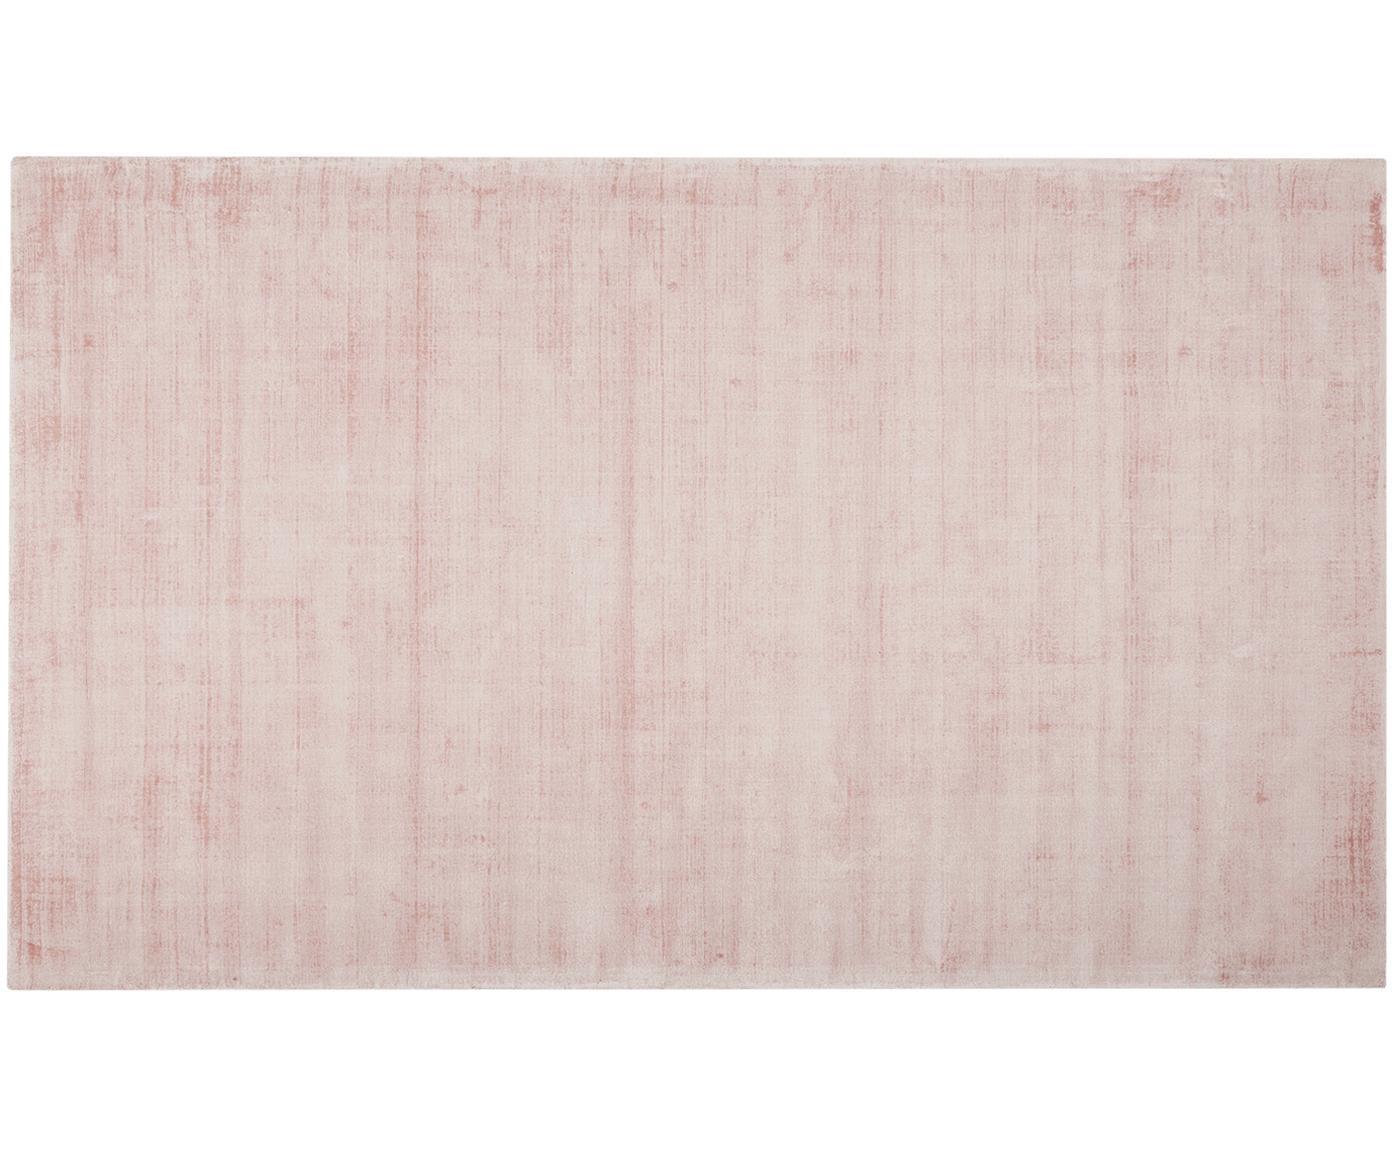 Handgeweven viscose vloerkleed Jane, Bovenzijde: 100% viscose, Onderzijde: 100% katoen, Roze, 90 x 150 cm